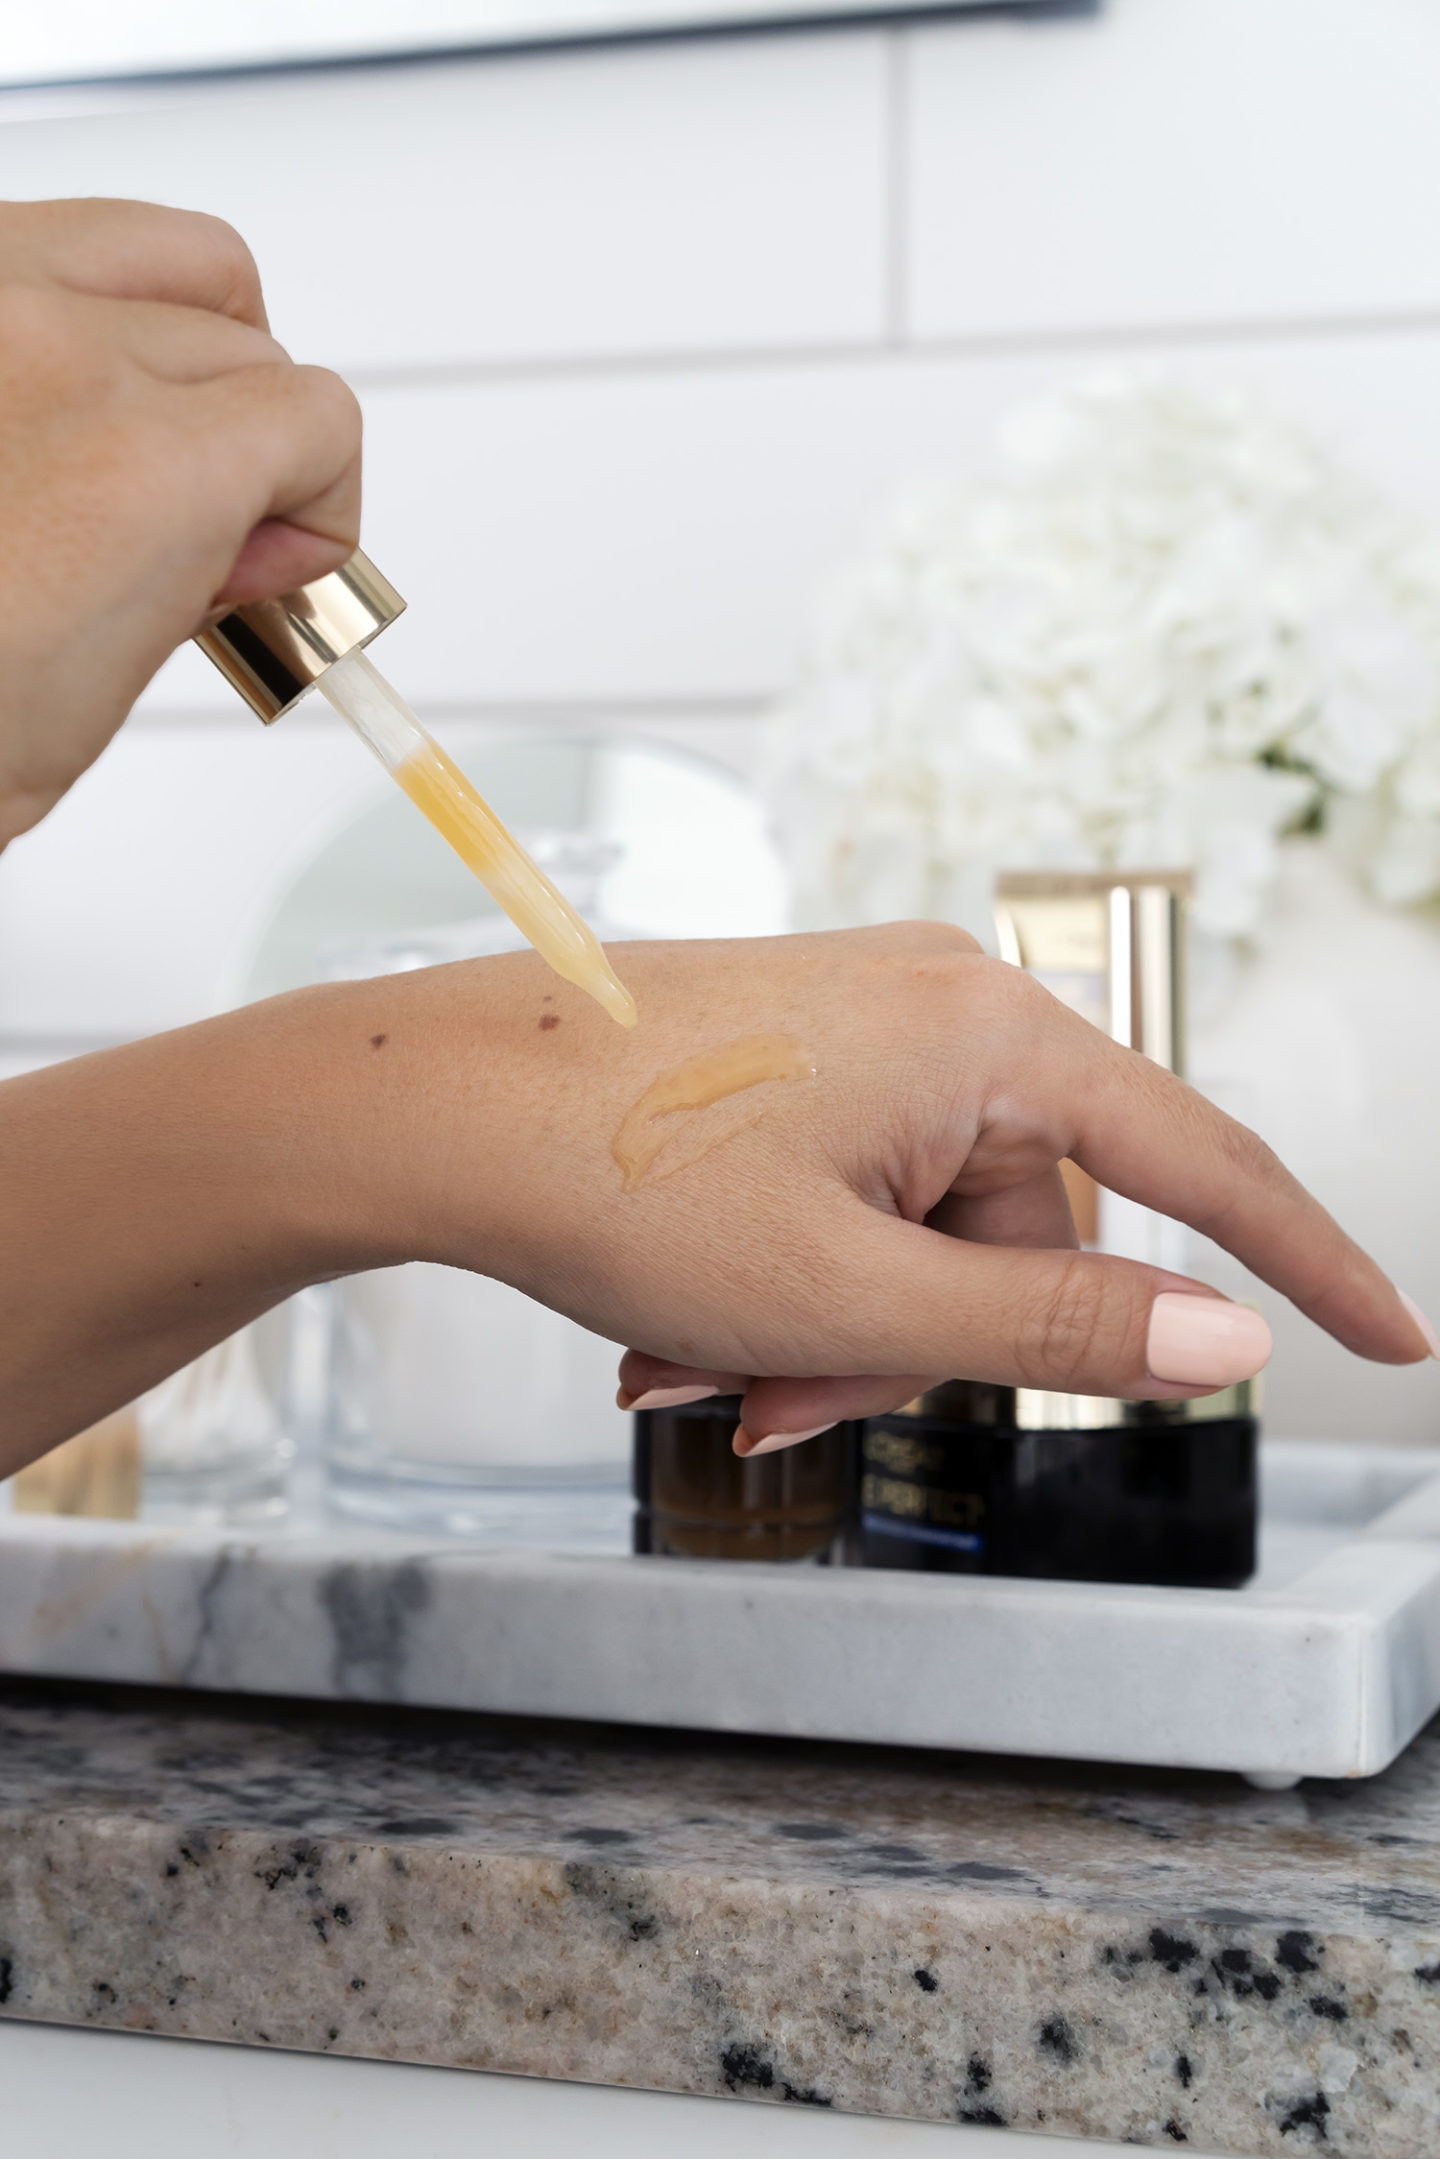 L'Oréal Age Perfect Cell Renewal Midnight Serum examen de la routine de nuit